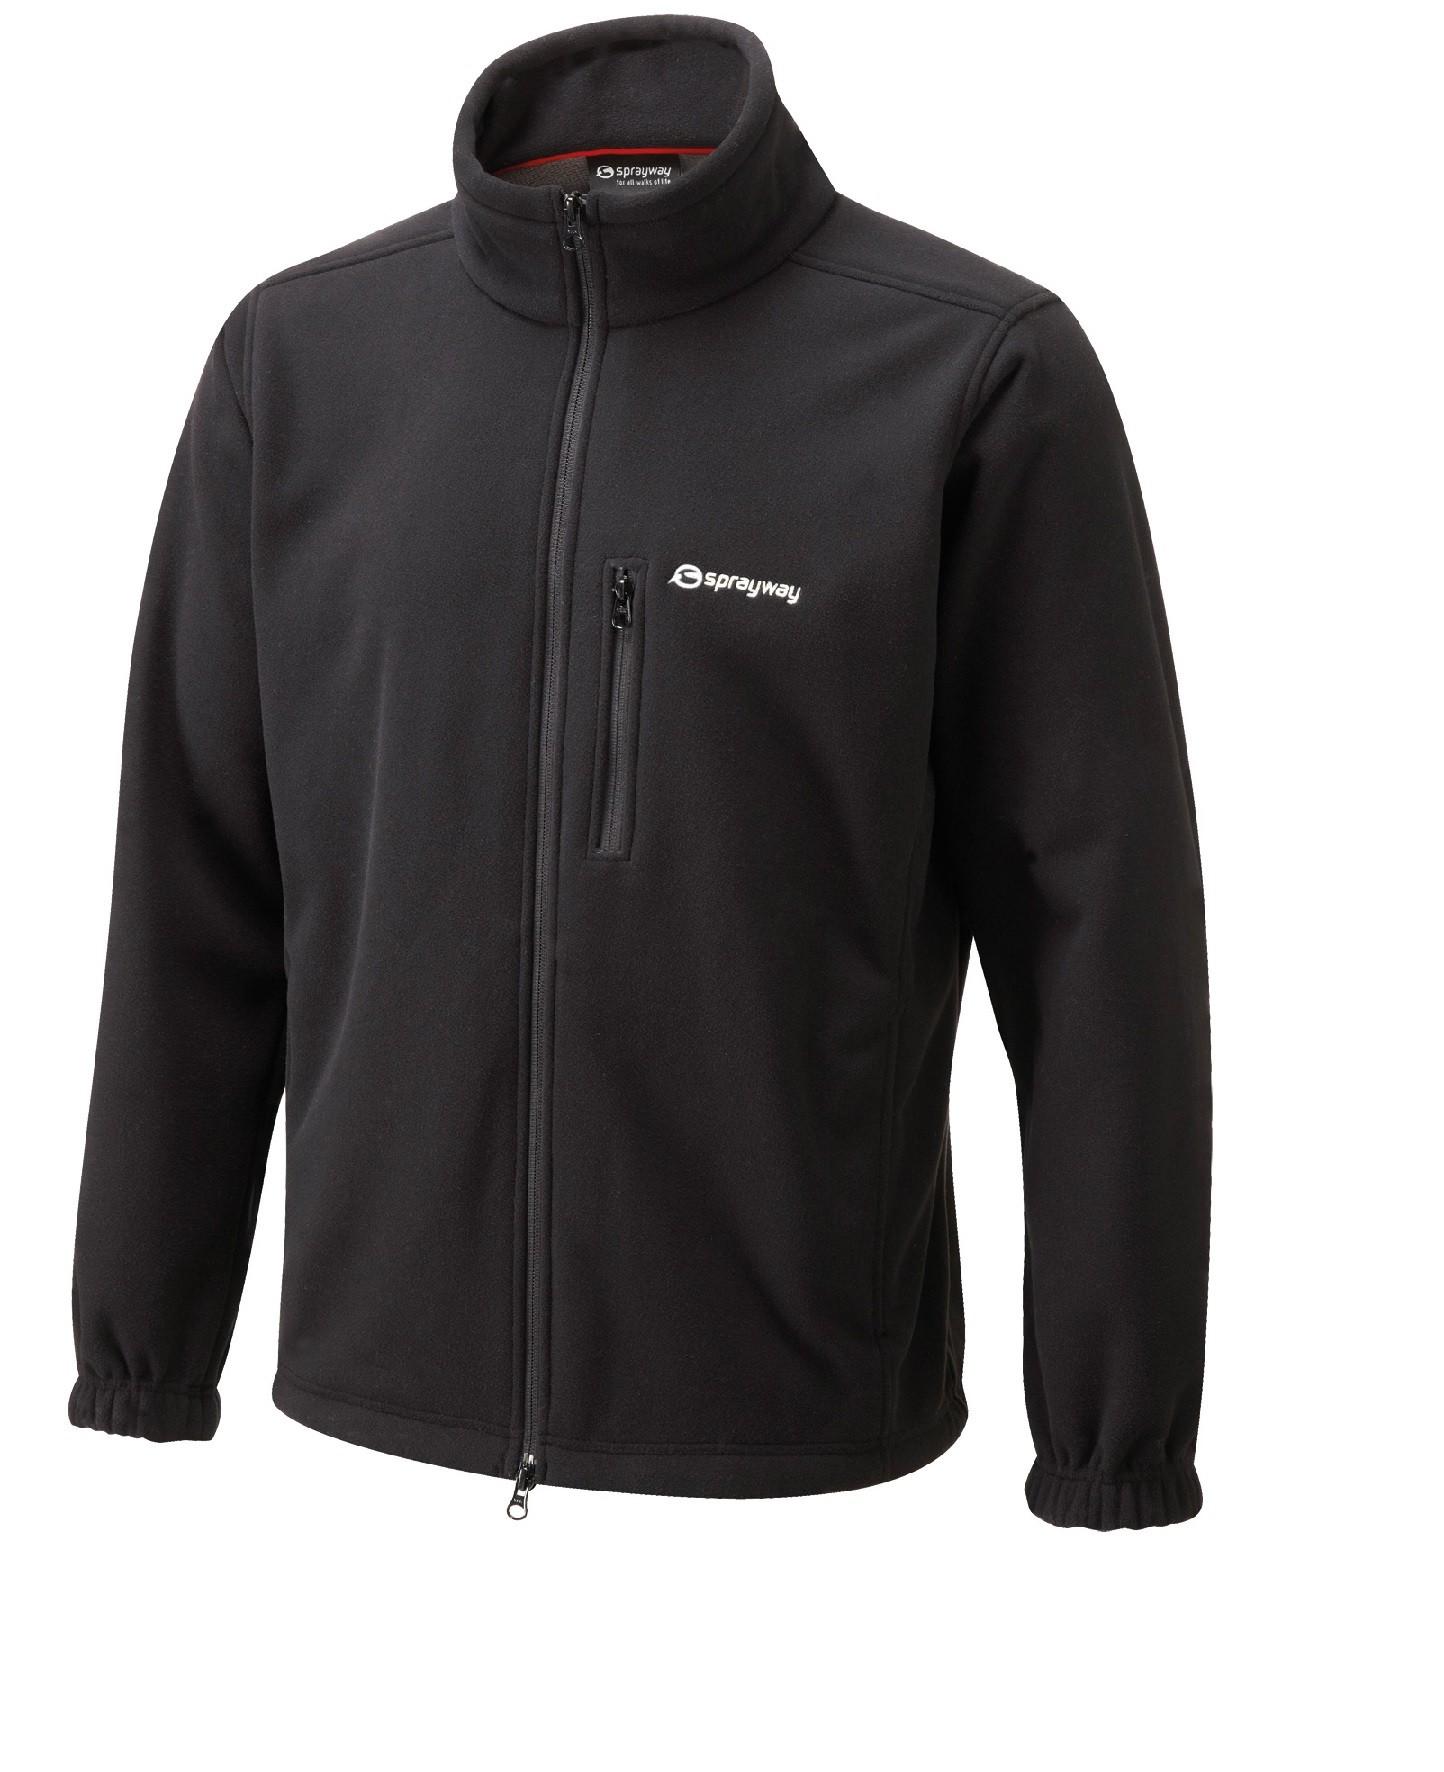 Sprayway Men S W N W Windstopper Fleece Jacket By